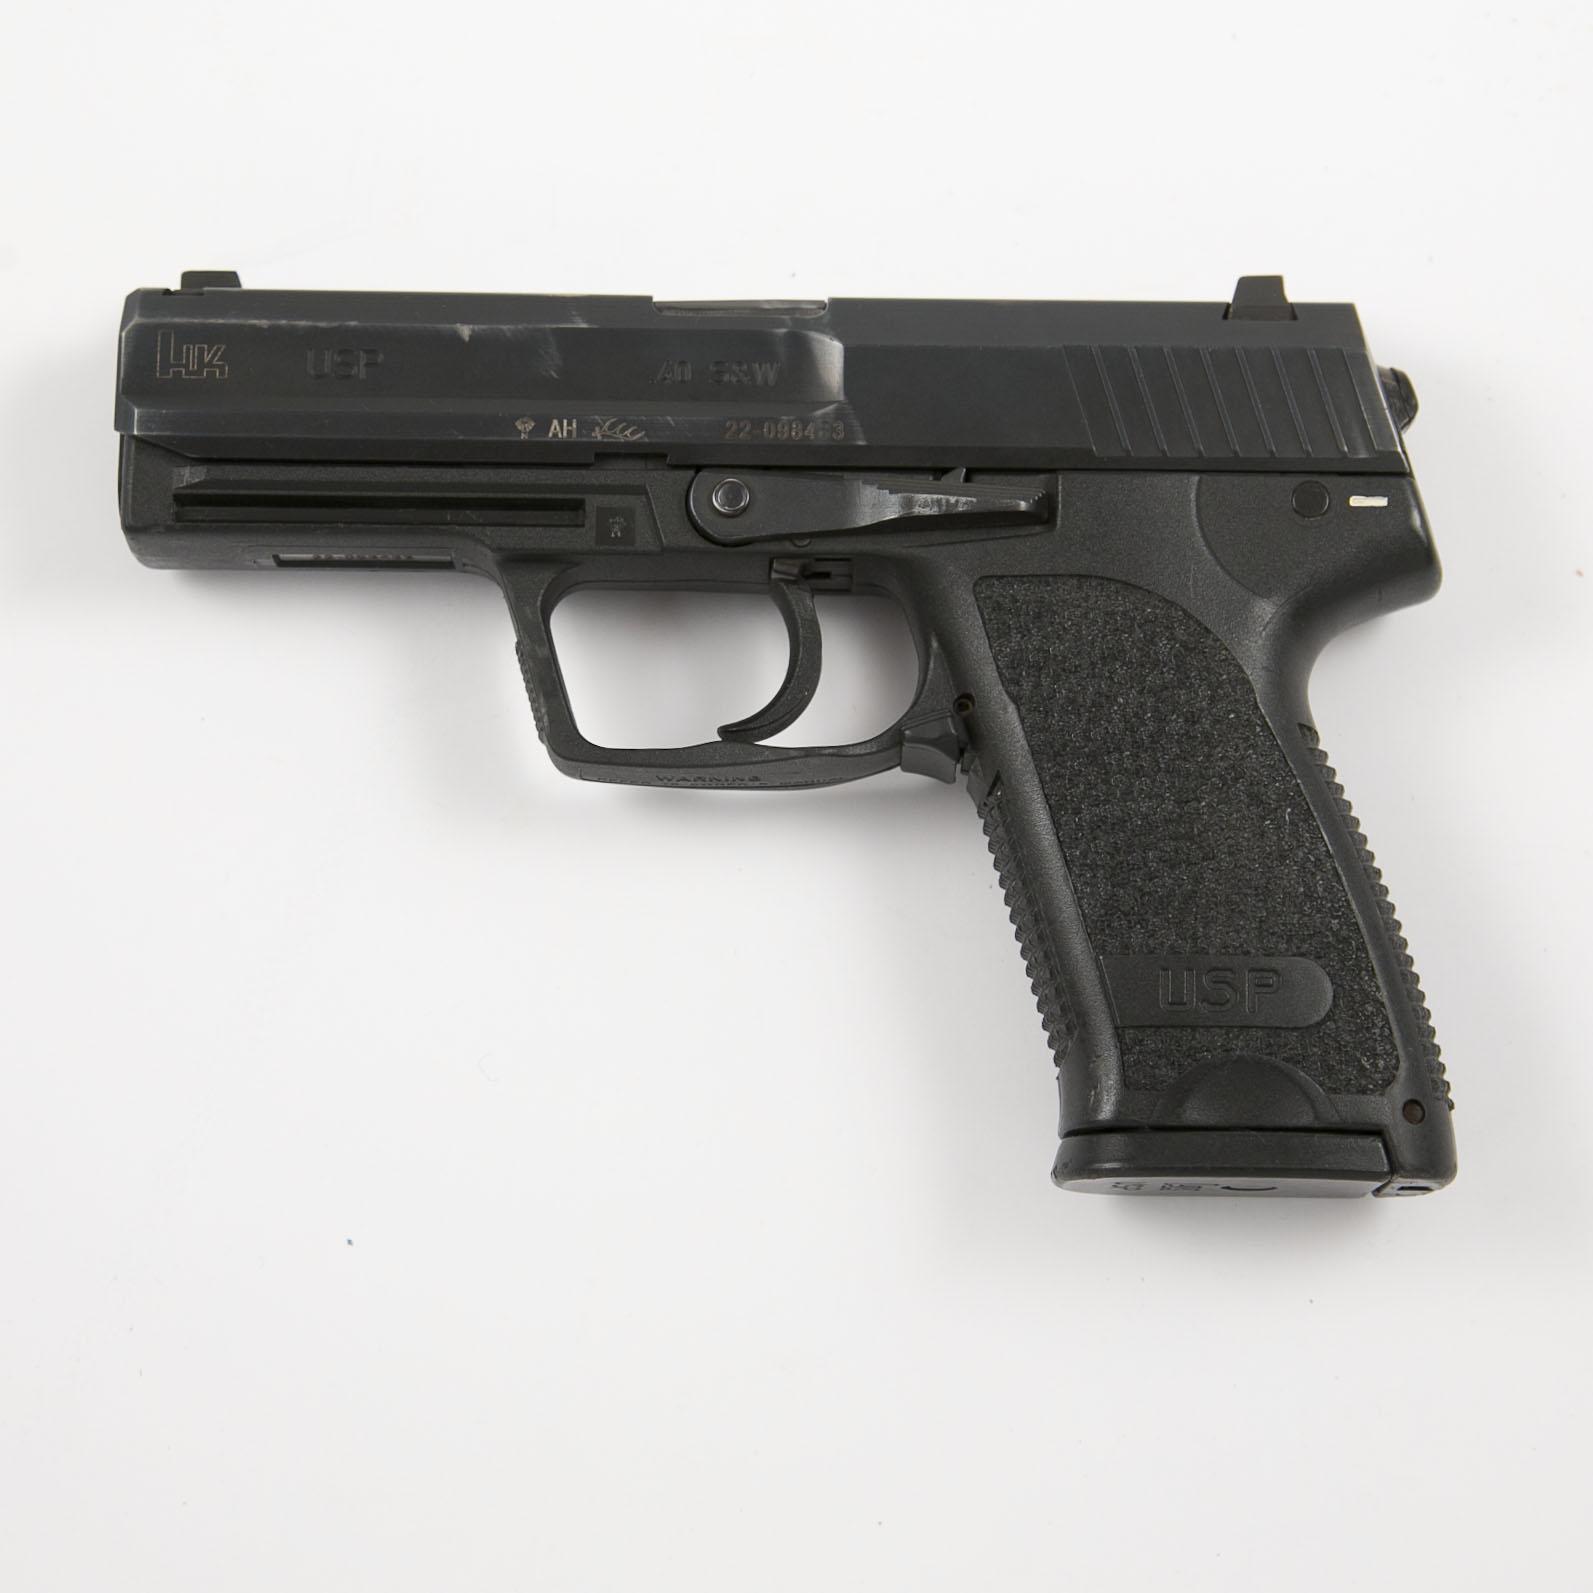 HK USP  40 Cal Pistol Police Trade-in